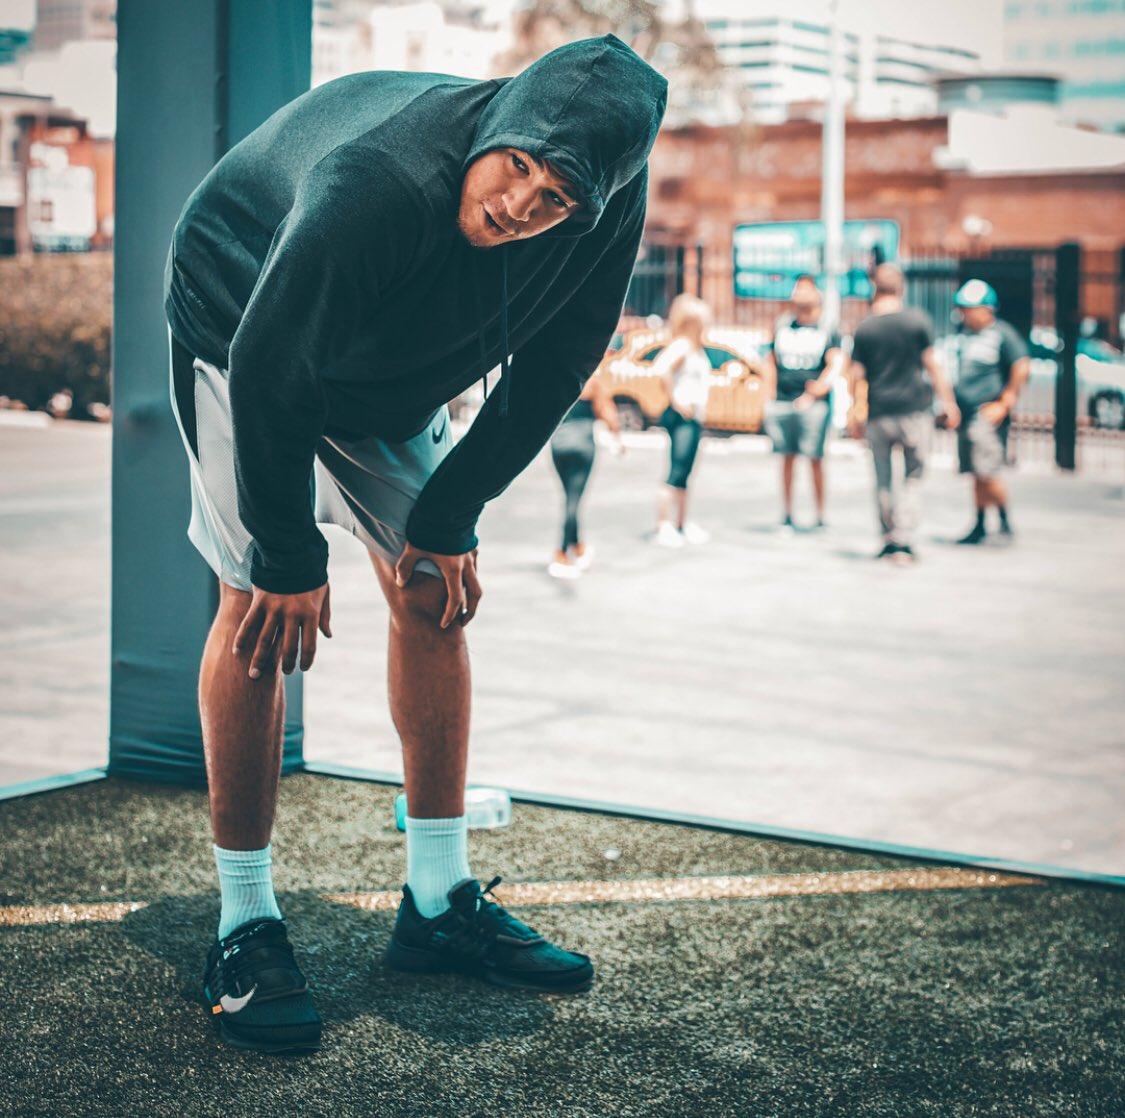 明星,球鞋上脚,上脚  呵呵,Drake 又穿回了 Nike!海外明星球鞋上脚精选 7.23